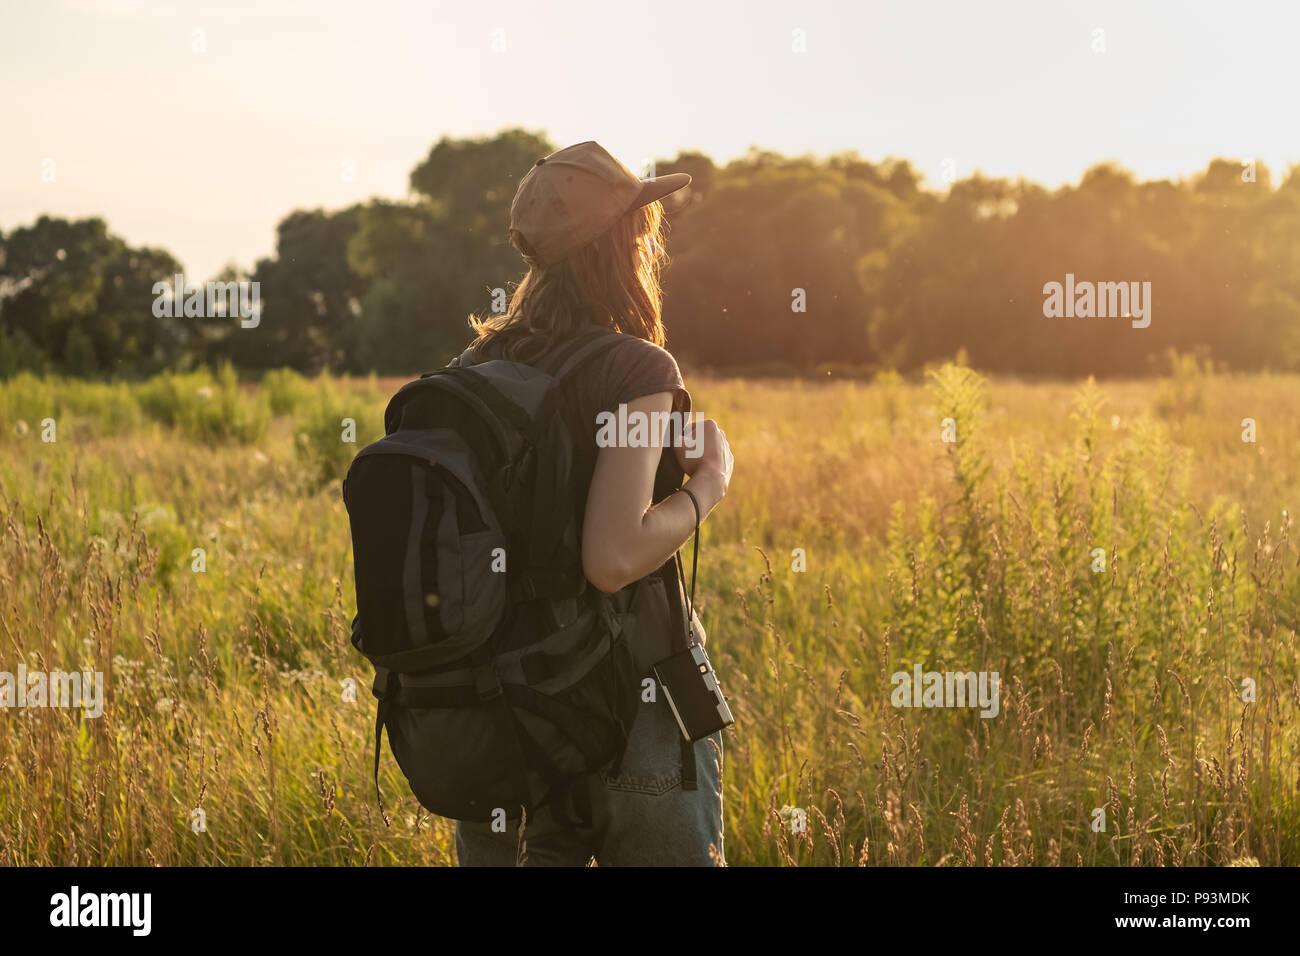 Jeune femme avec sac à dos dans la zone touristique. Personne de sexe féminin à la recherche au coucher du soleil dans l'herbe haute de la belle région rurale en été Banque D'Images